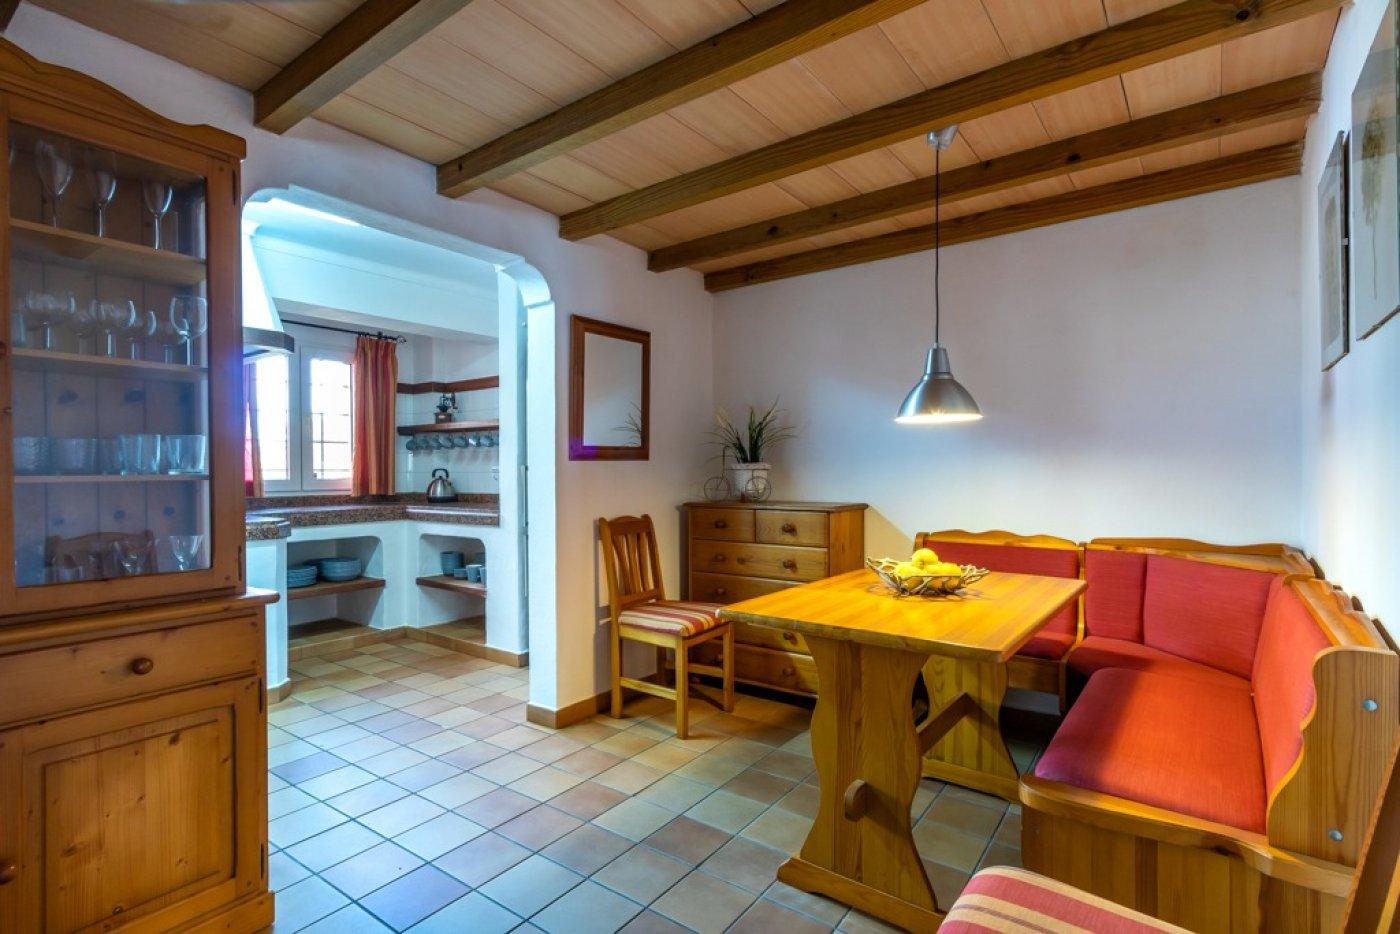 Magnifica villa en ses salines - can somni - ideal inversores turÍsticos - imagenInmueble7